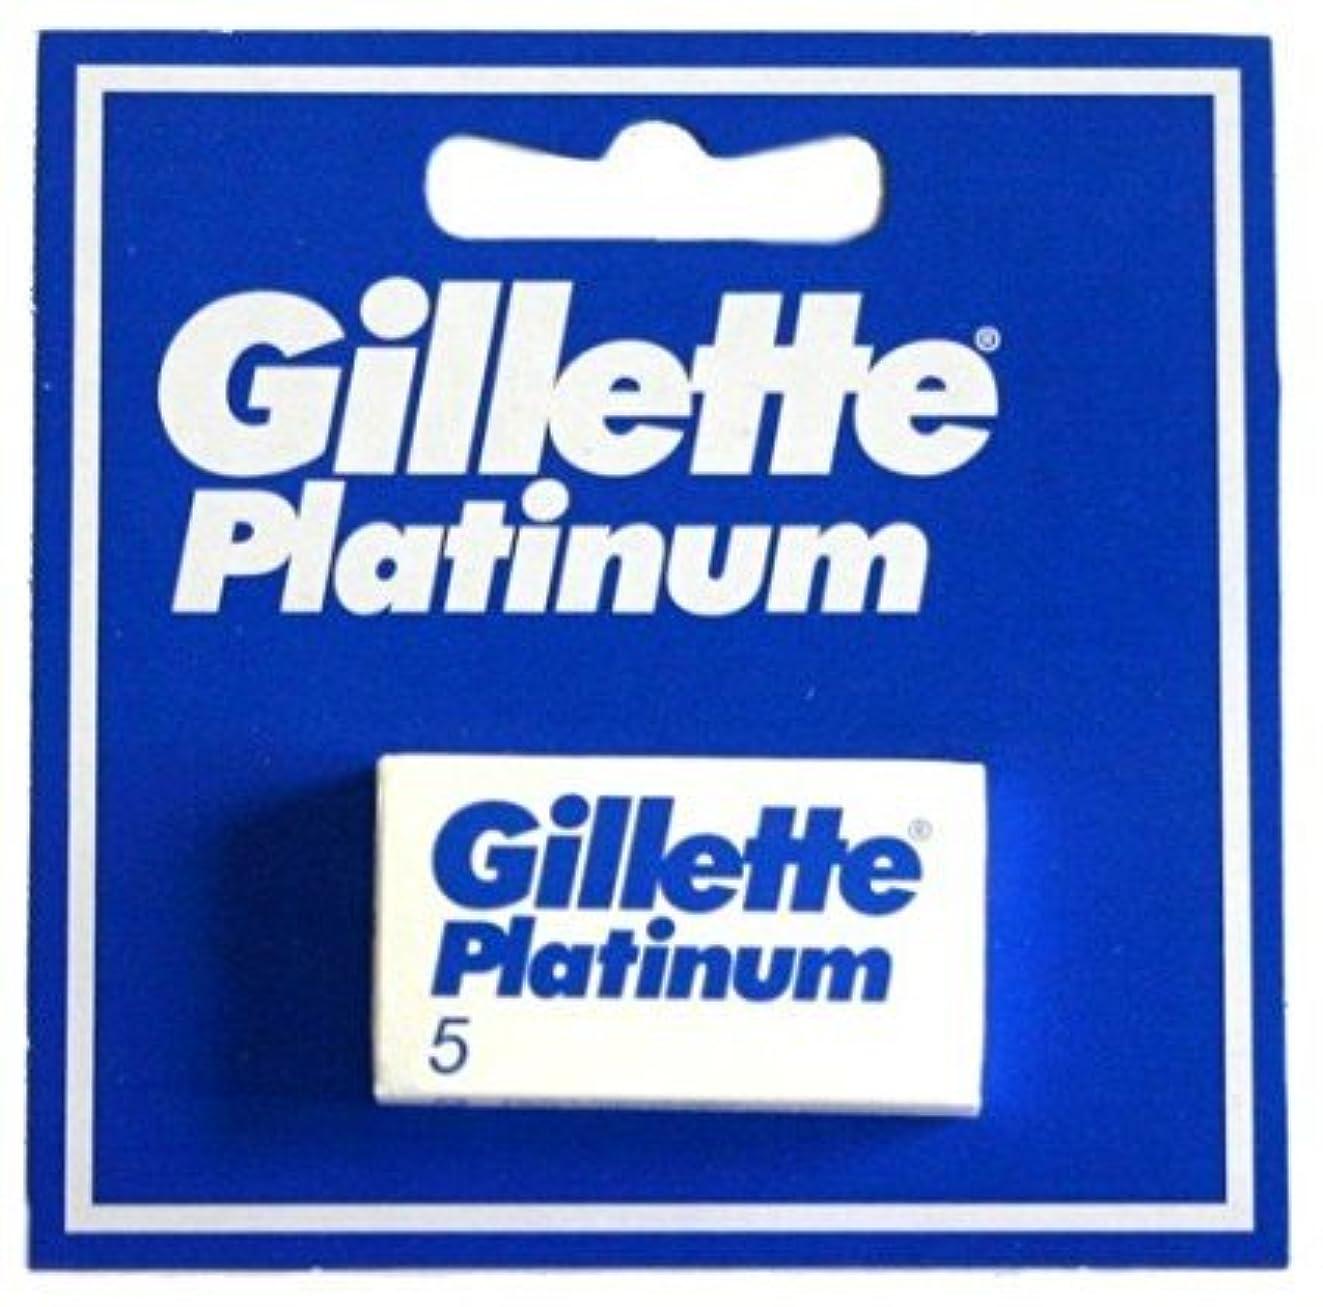 クリック薄汚い発明Gillette Platinum [プレミアムホワイトボックス版!] ジレット プラチナ 両刃替刃 20個入り (5*4) [海外直送品] [並行輸入品]